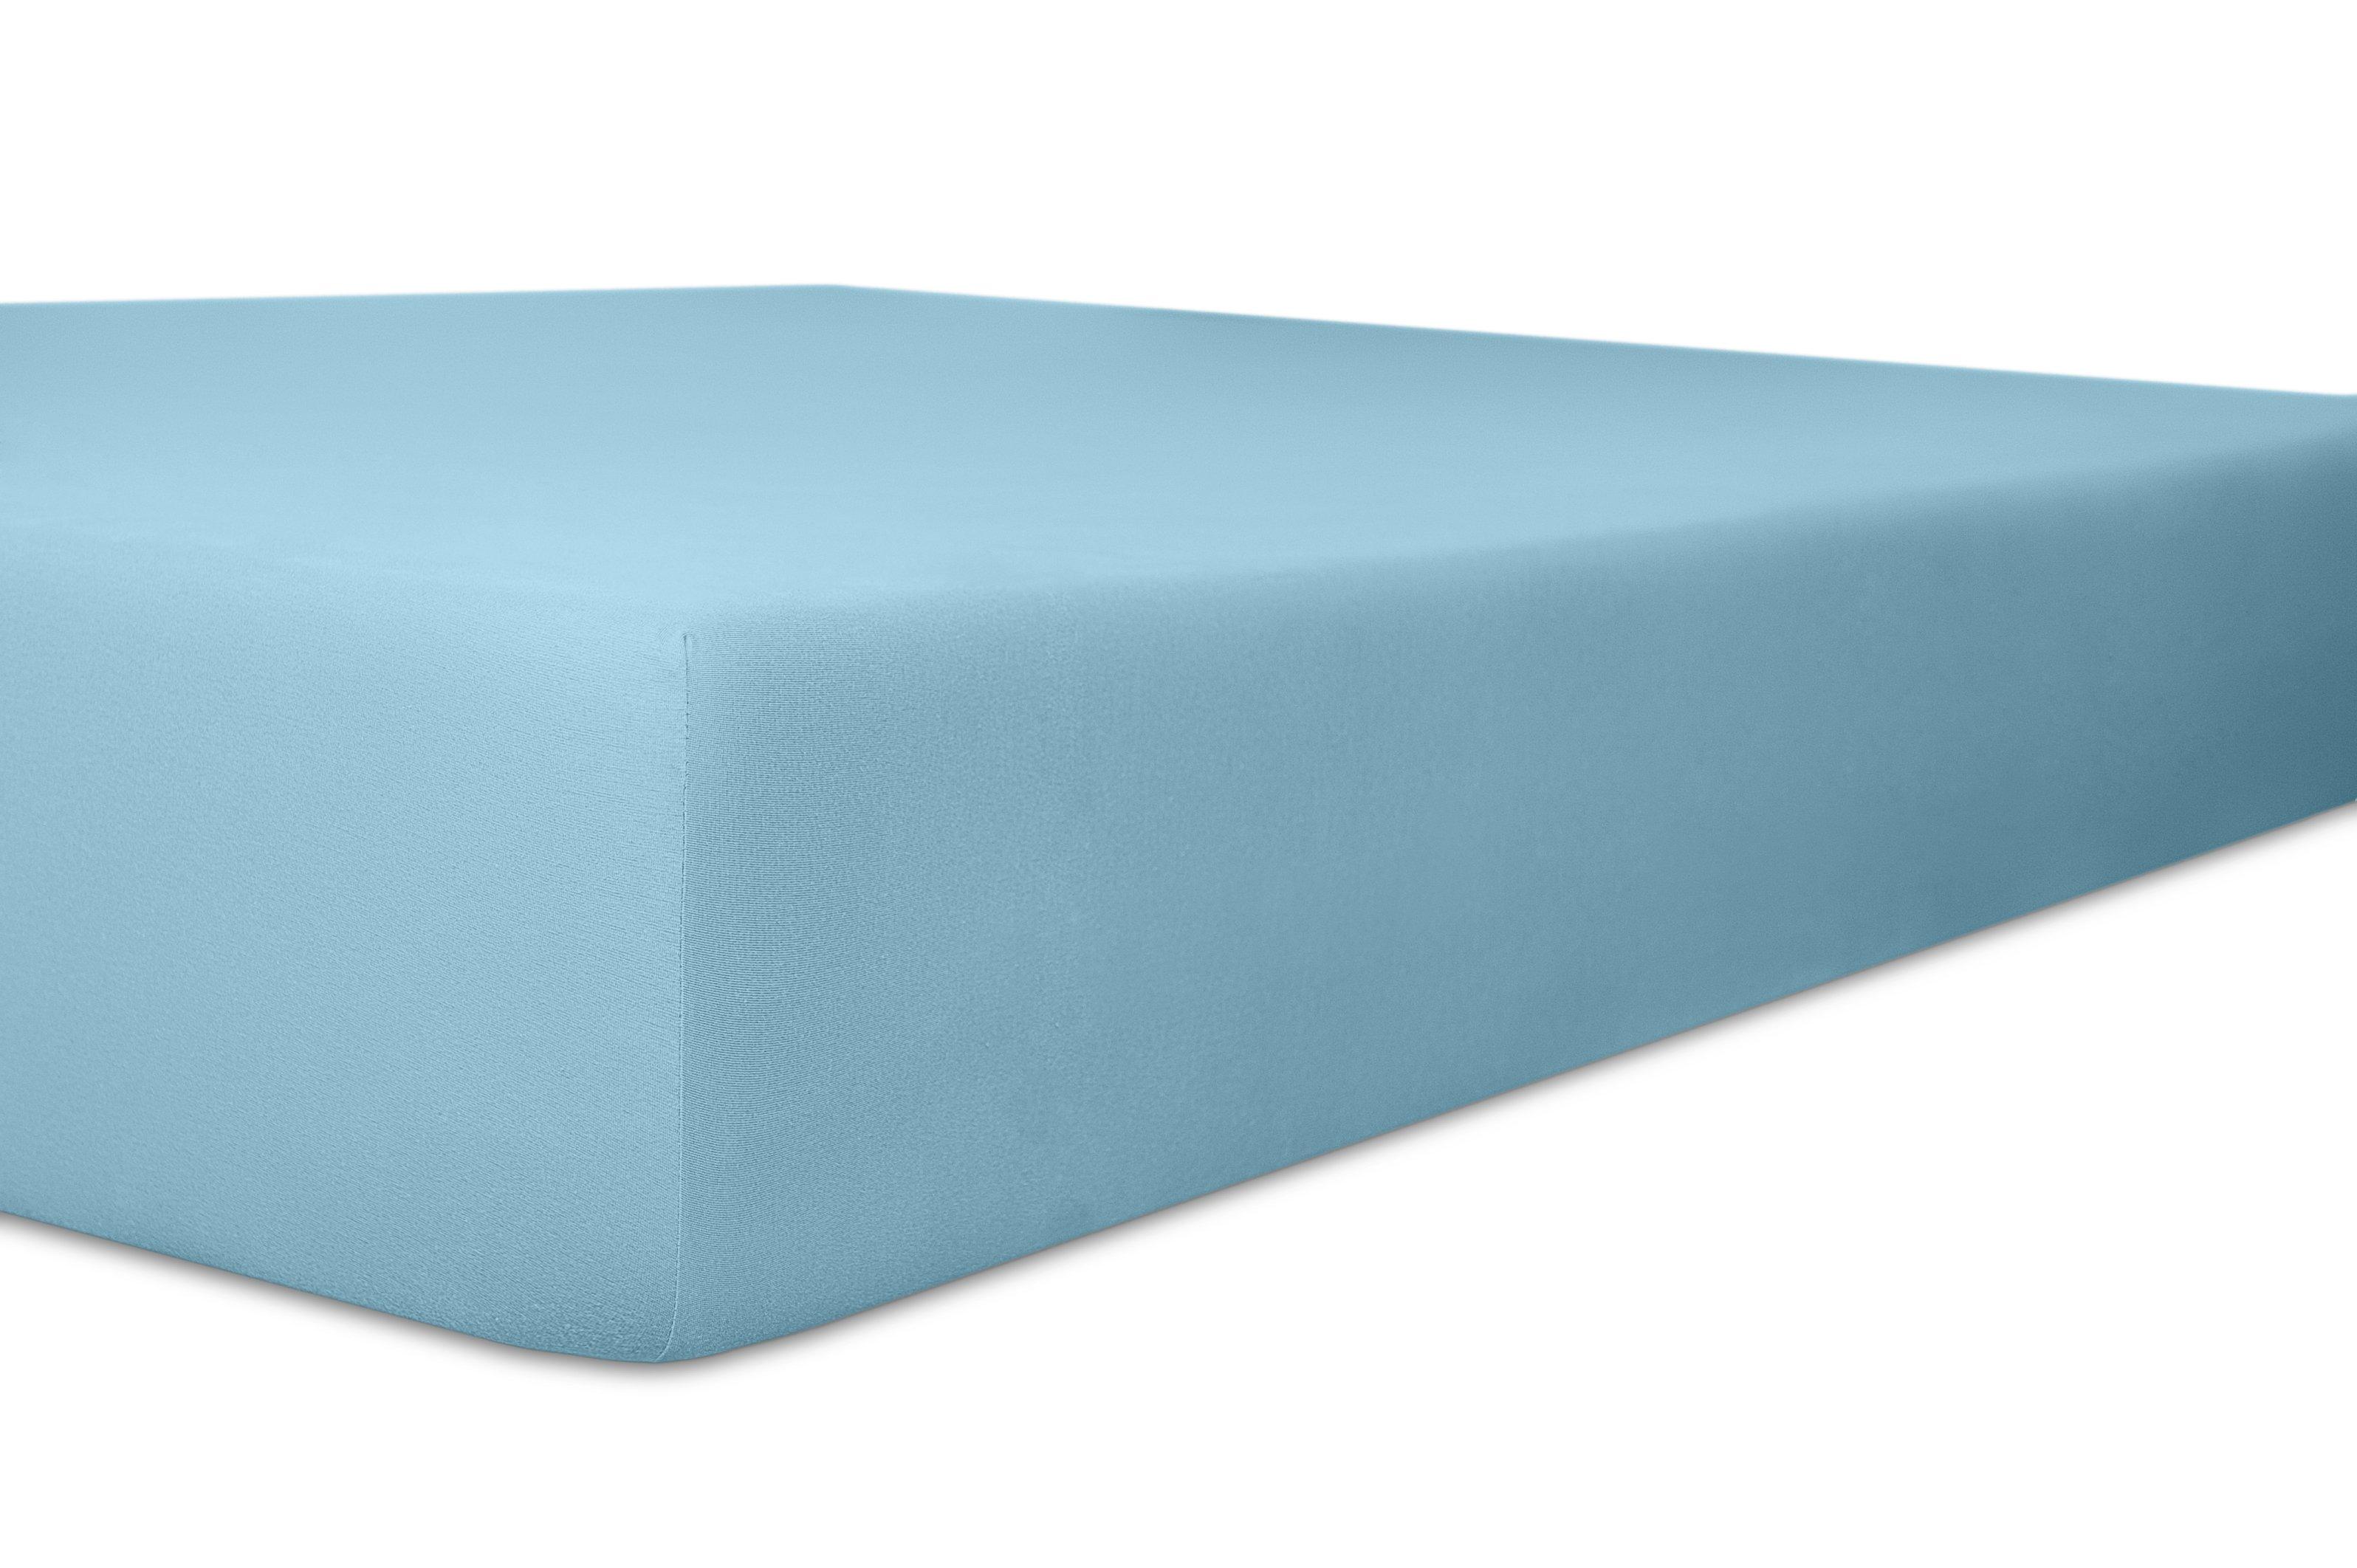 Spannbetttuch blau,180x200cm